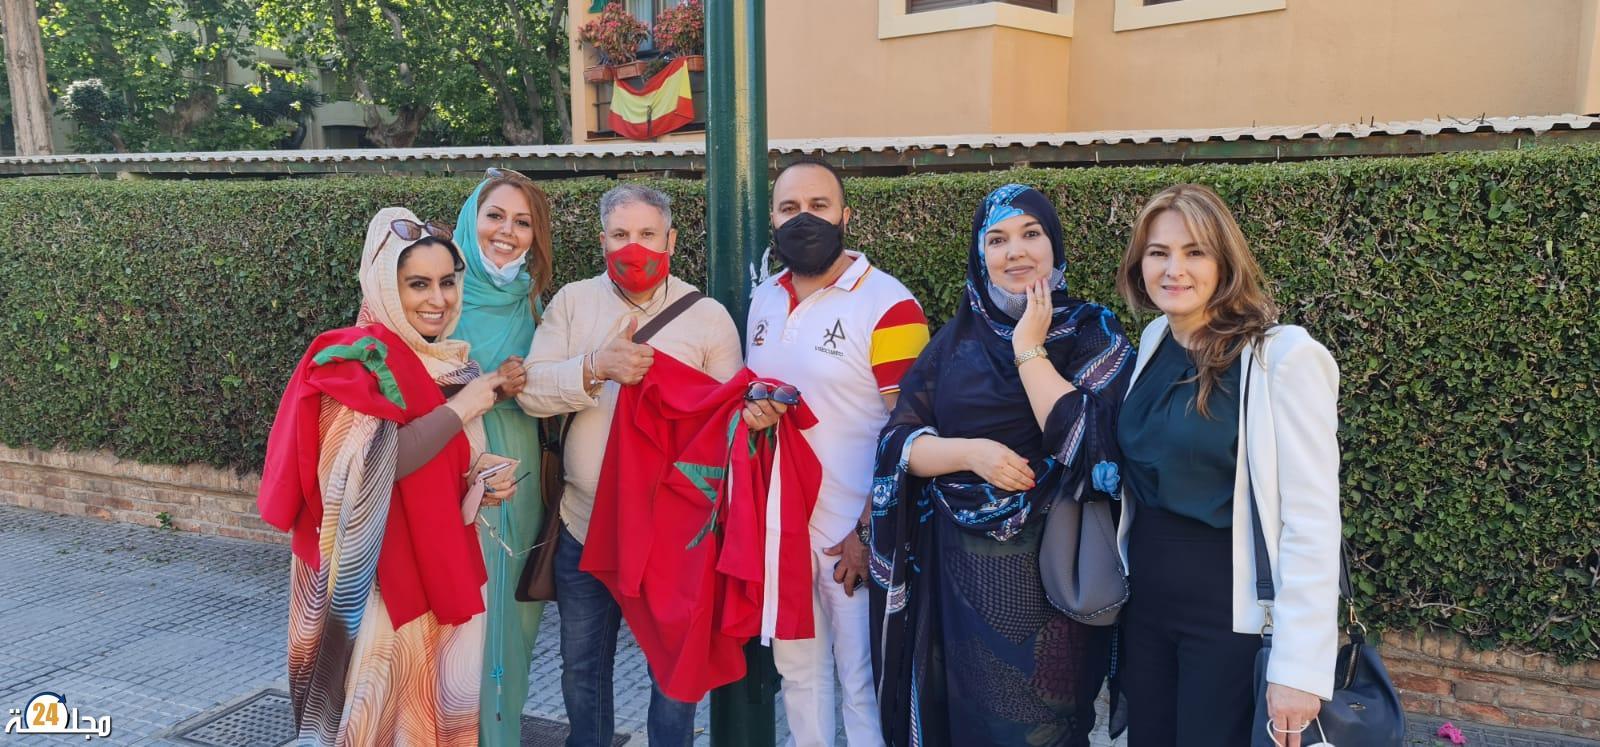 وقفة سلمية للجالية المغربية المقيمة في اسبانيا لدعم قضية الصحراء المغربية